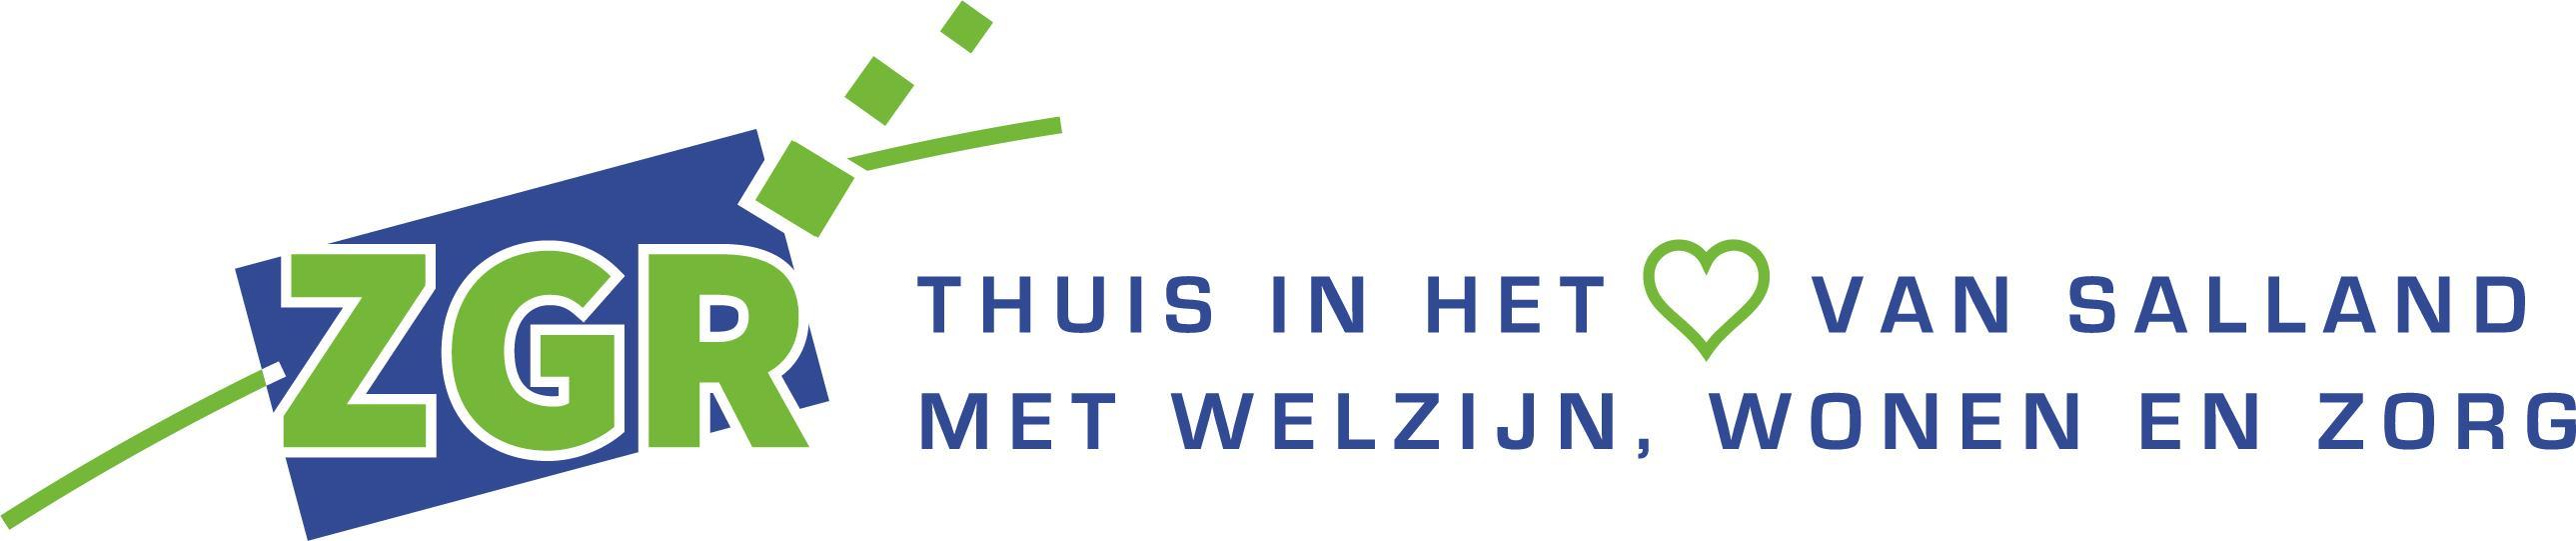 ZGR logo